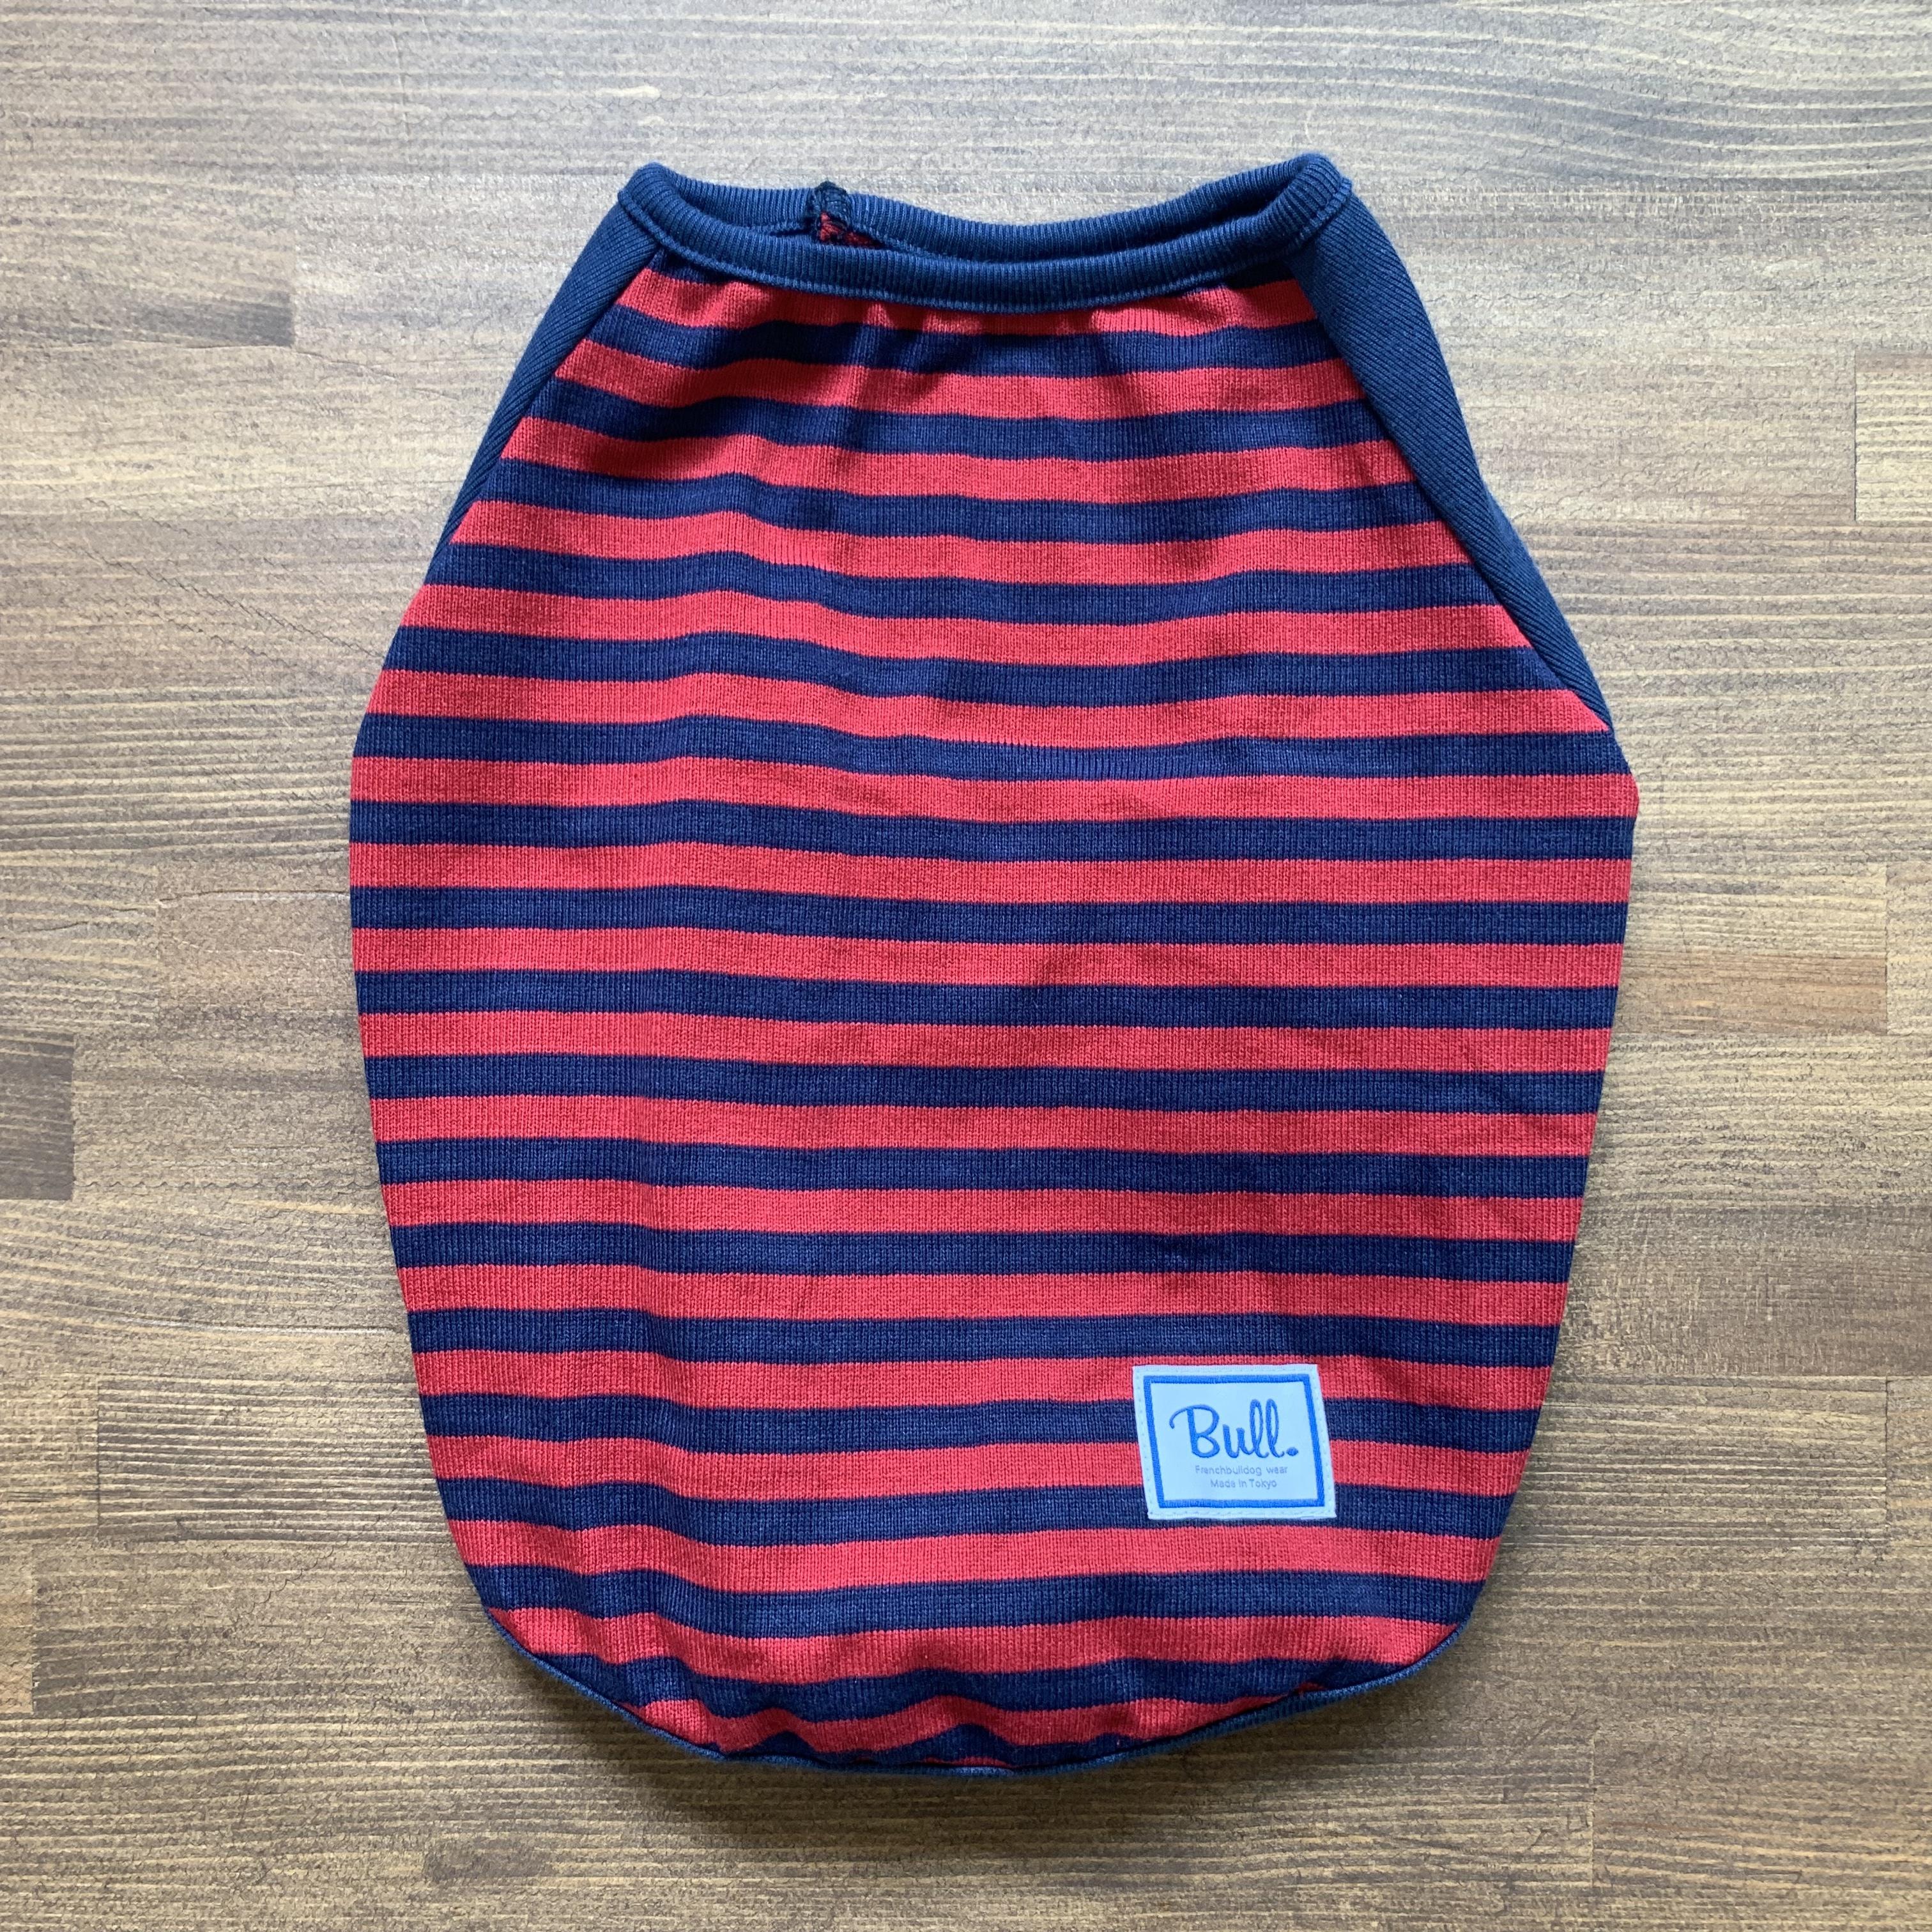 Bull.ベーシックボーダーTシャツ(カットソー)赤×紺